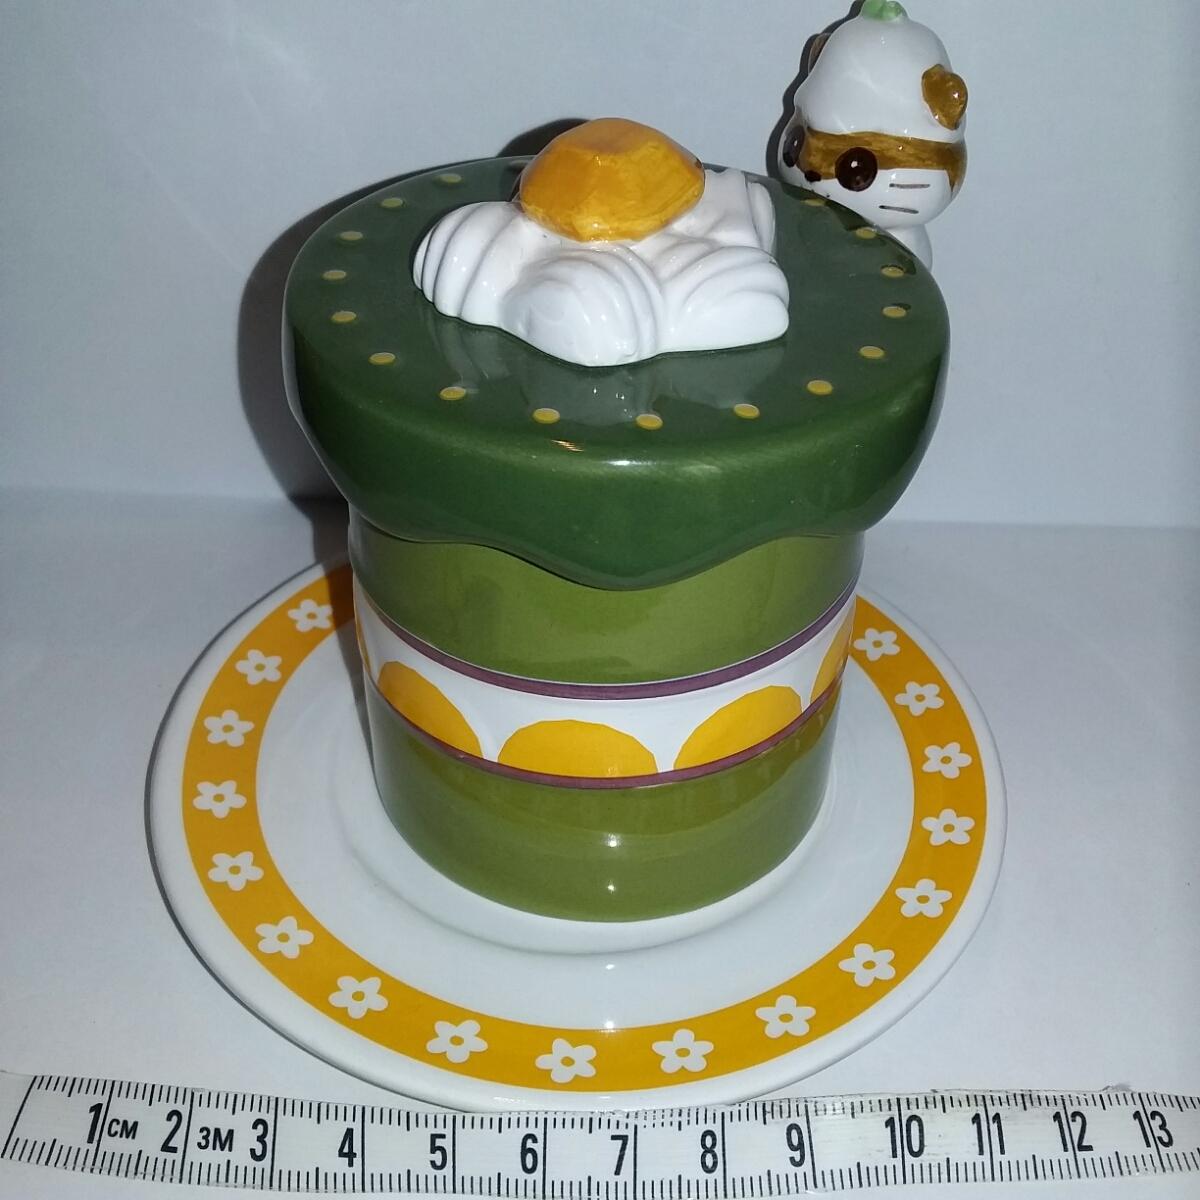 当時もの コロコロクリリン カップ &ソーサー 陶器 2000年 レトロサンリオ グッズの画像